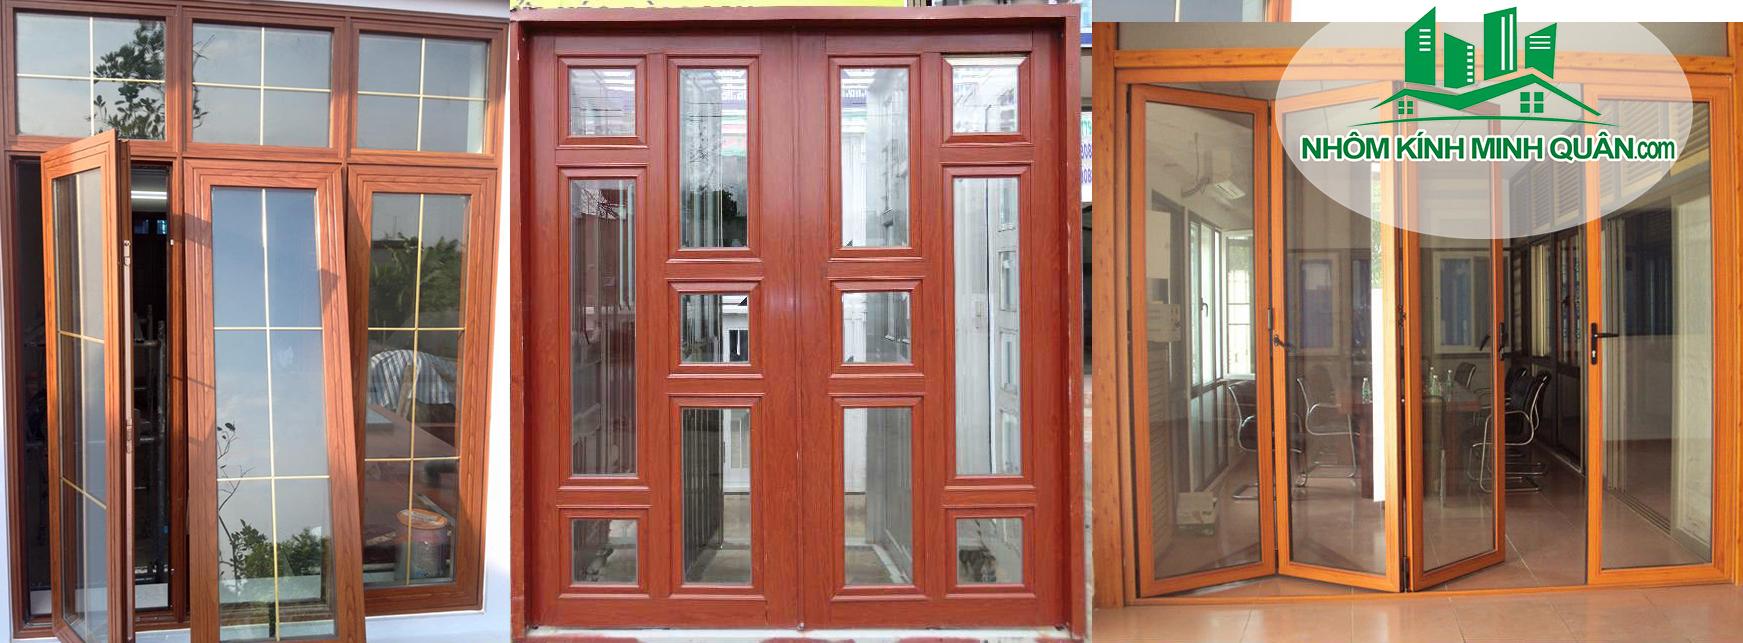 cửa nhựa lõi thép bình dương thi-cong-cua-nhua-loi-thep-tai-binh-duong